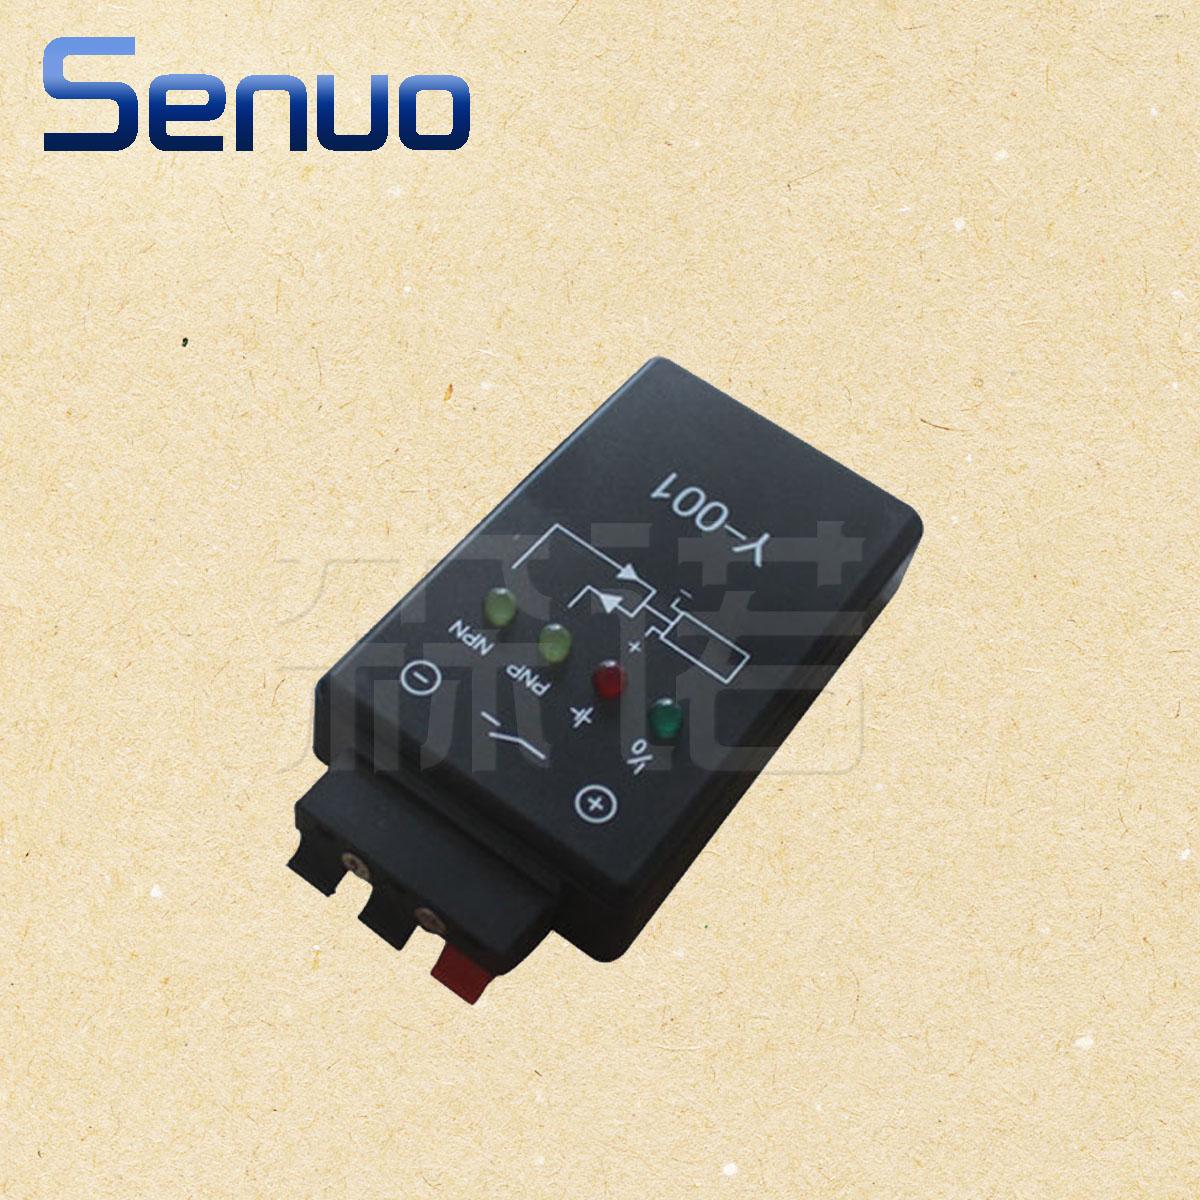 Interruttore fotoelettrico Tester del Sensore Sensore di Prossimità Tester Tester YH-800 Y-001